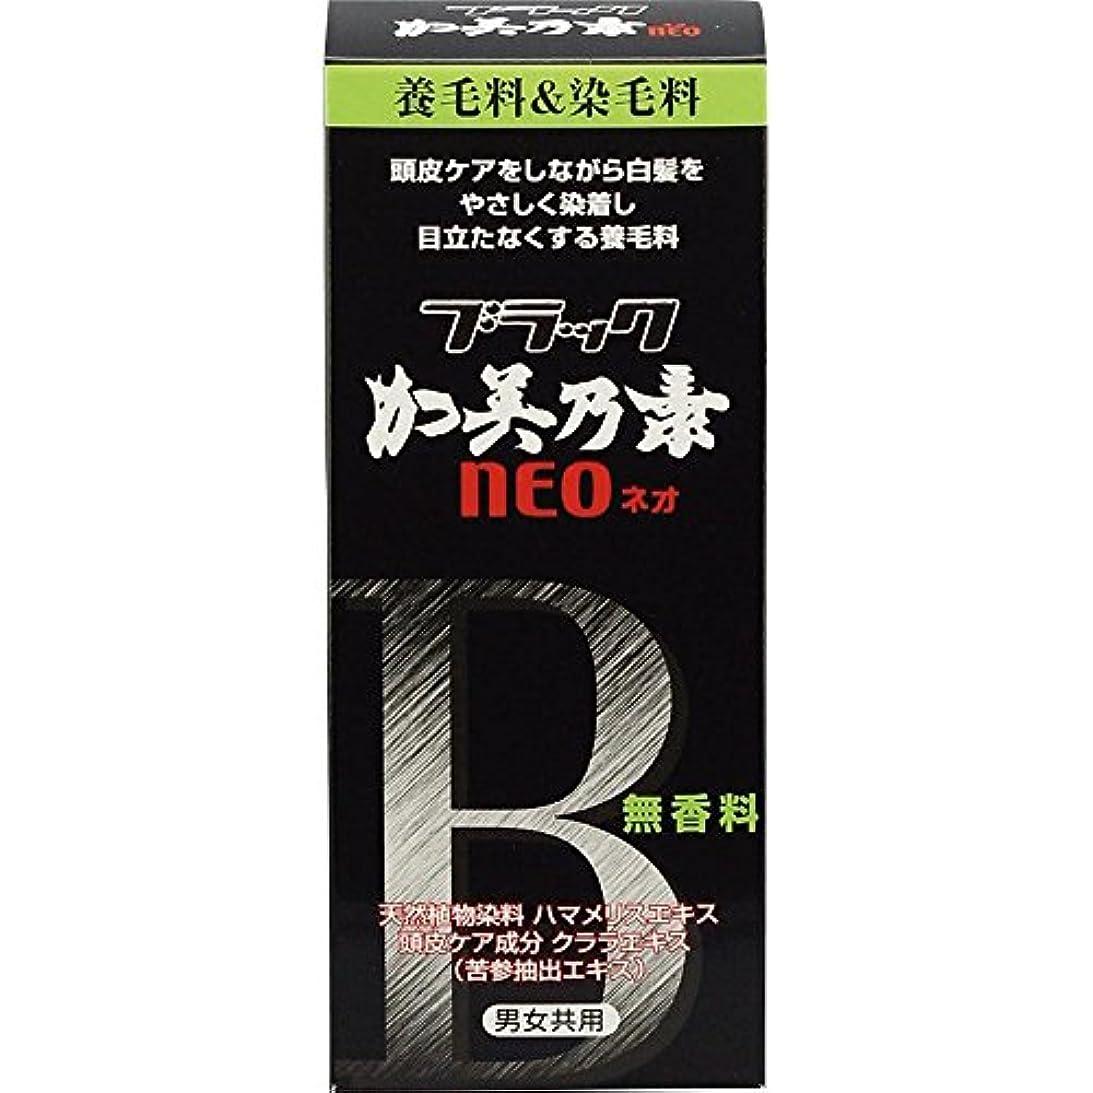 近代化する自発的涙が出るブラック加美乃素NEO 無香料 150mL